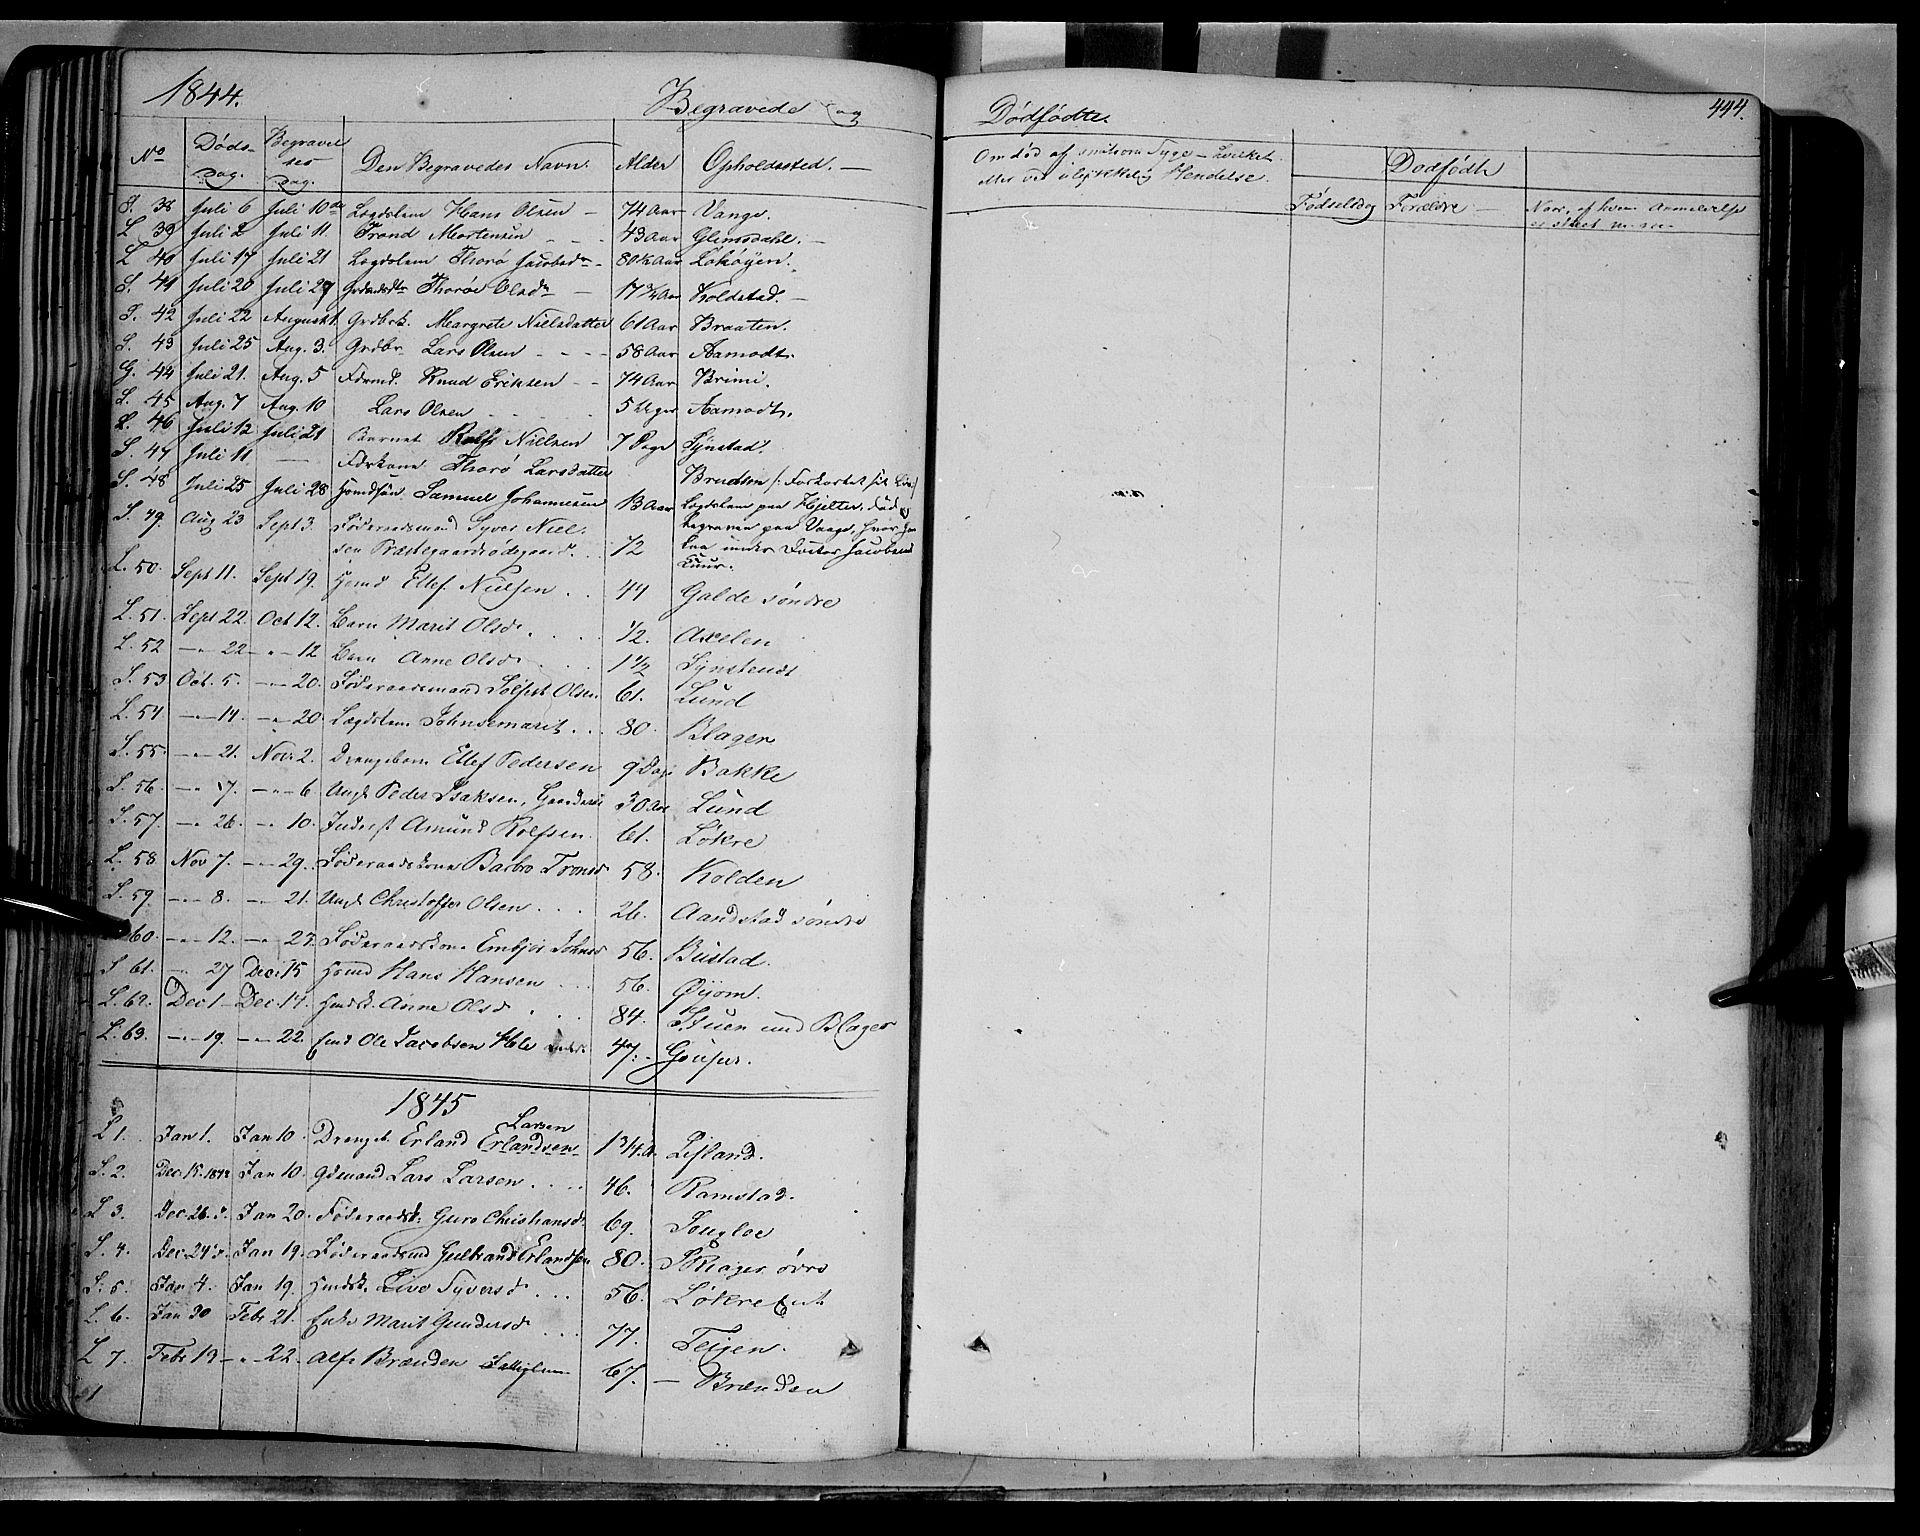 SAH, Lom prestekontor, K/L0006: Ministerialbok nr. 6B, 1837-1863, s. 444